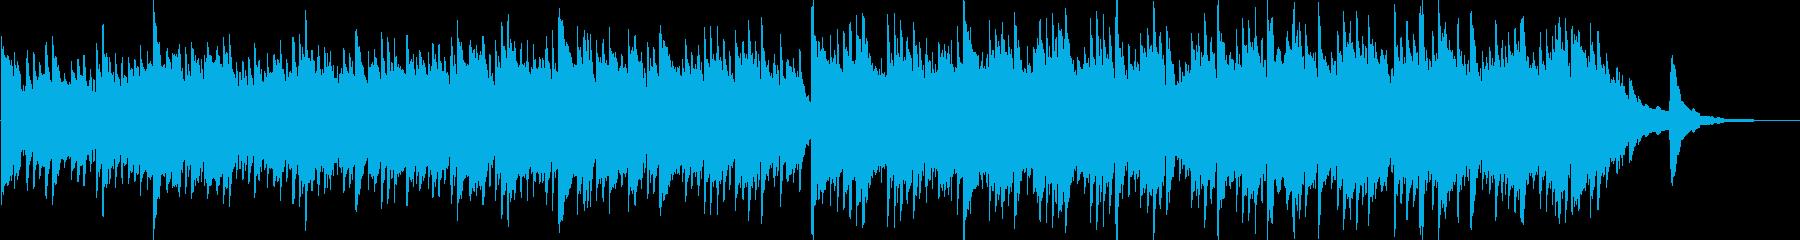 Emotional Sadness's reproduced waveform